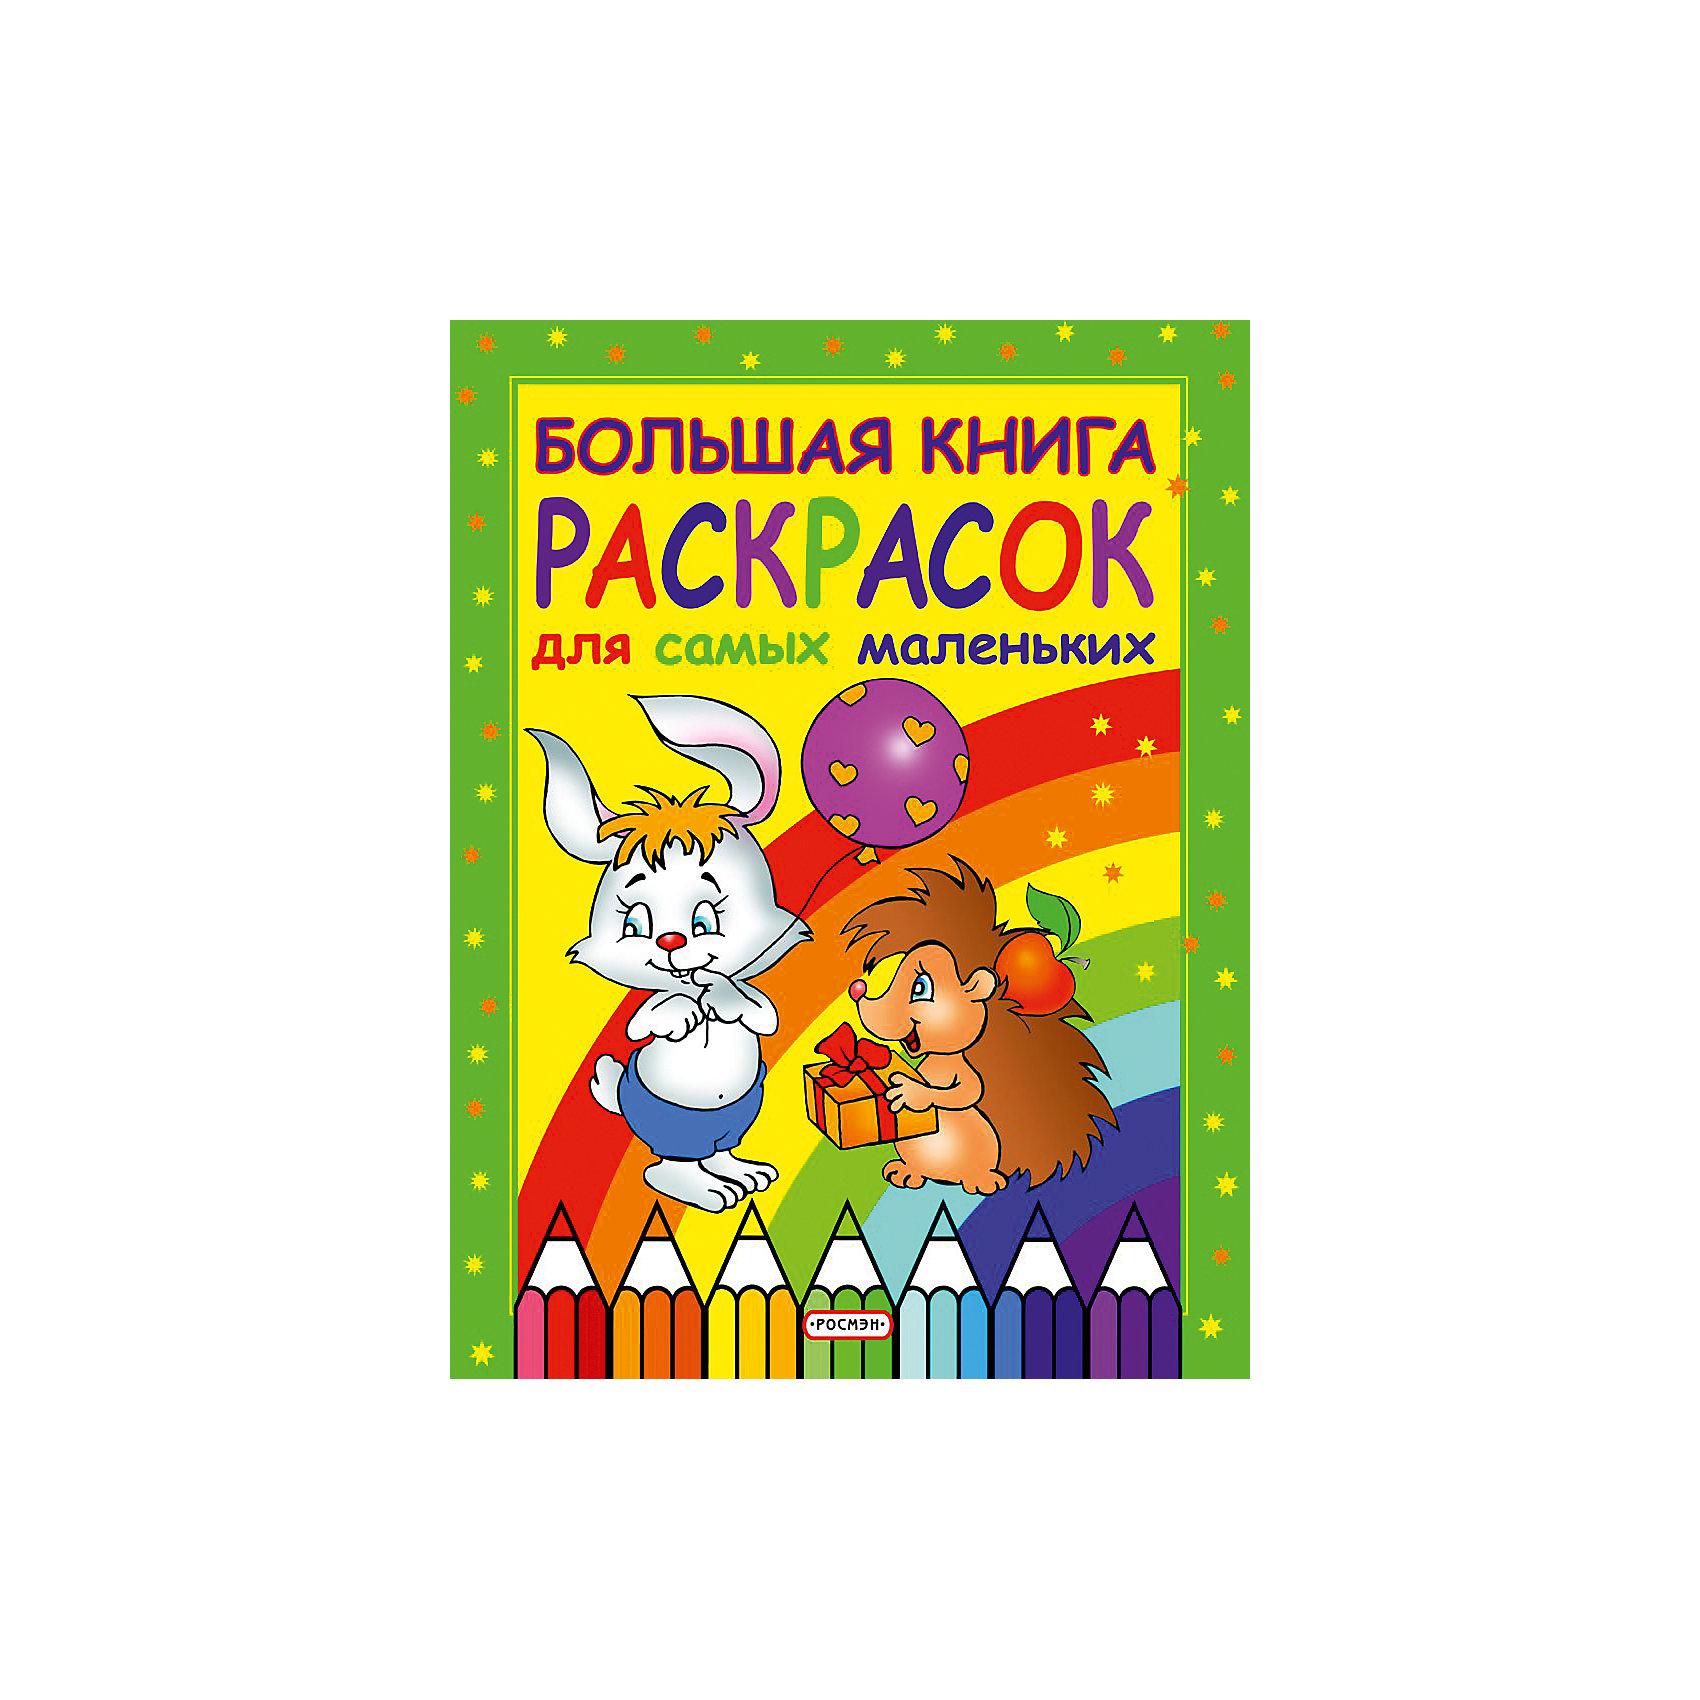 Росмэн Большая книга раскрасок для самых маленьких раскраски росмэн большая книга для самых маленьких